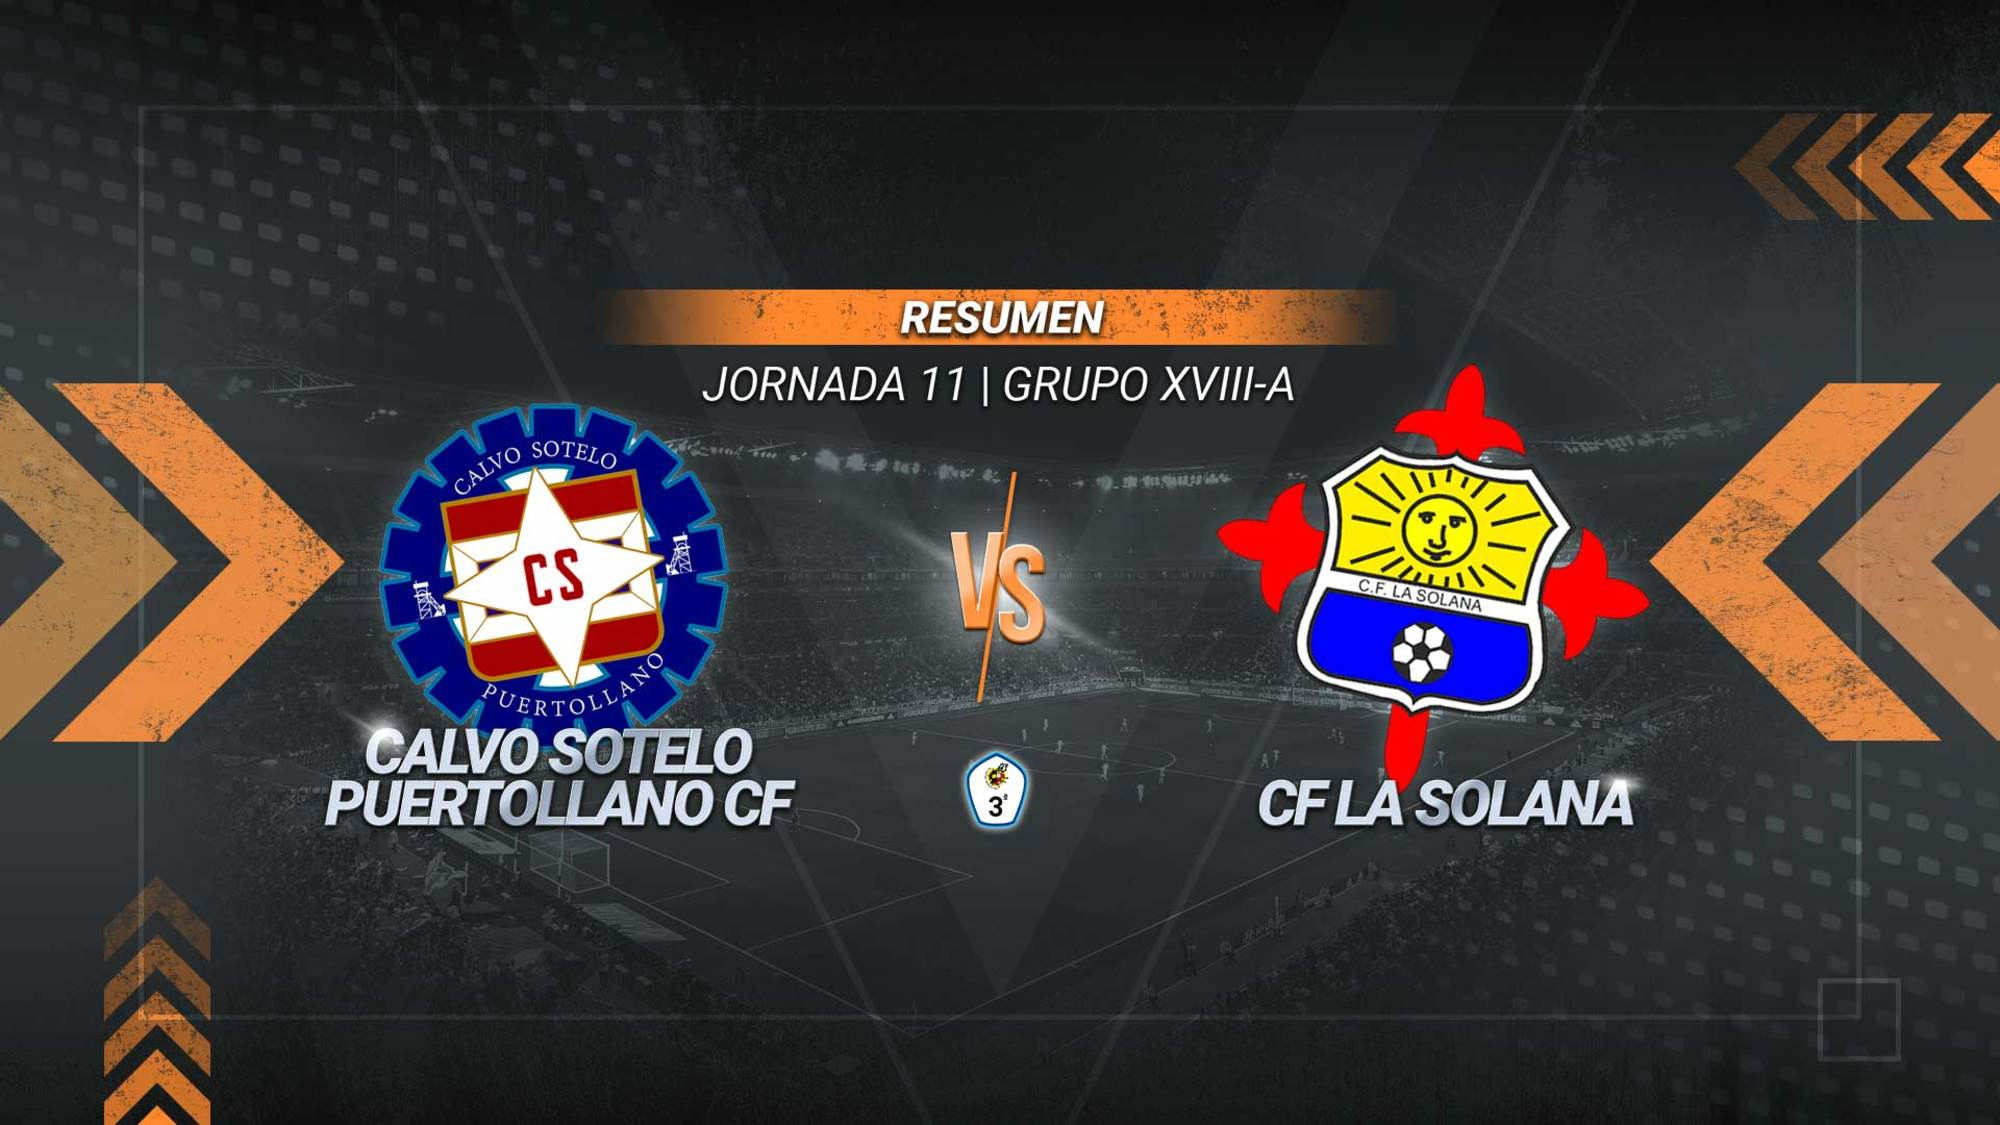 Un gol de Juanfri en el 90' da al Calvo Sotelo su tercer triunfo consecutivo. Los industriales se aúpan hasta la tercera posición y alcanzan los 19 puntos. La Solana se mantiene penúltimo con 9.